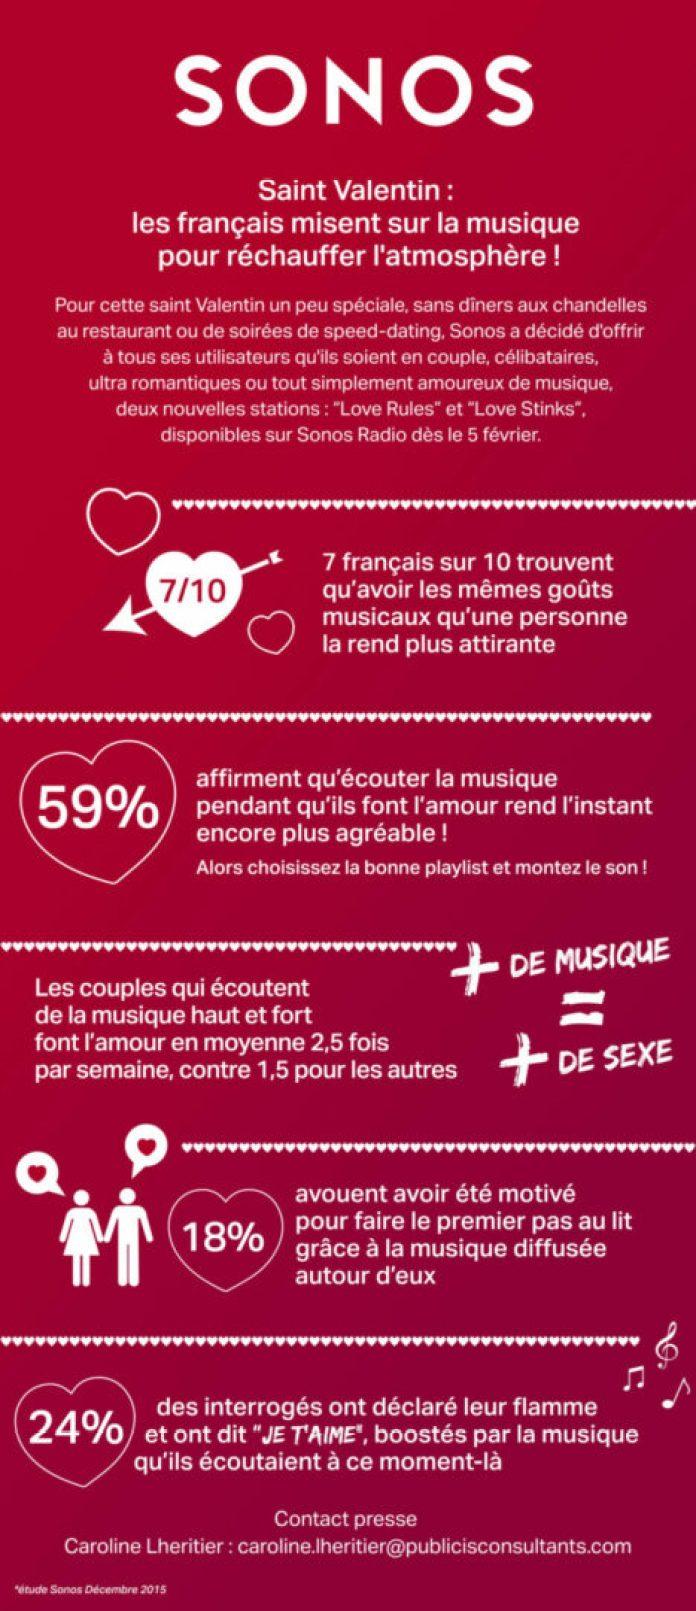 sonos-saint-vantentin-scaled Info presse Sonos : Saint Valentin : les français misent sur la musique pour réchauffer l'atmosphère !